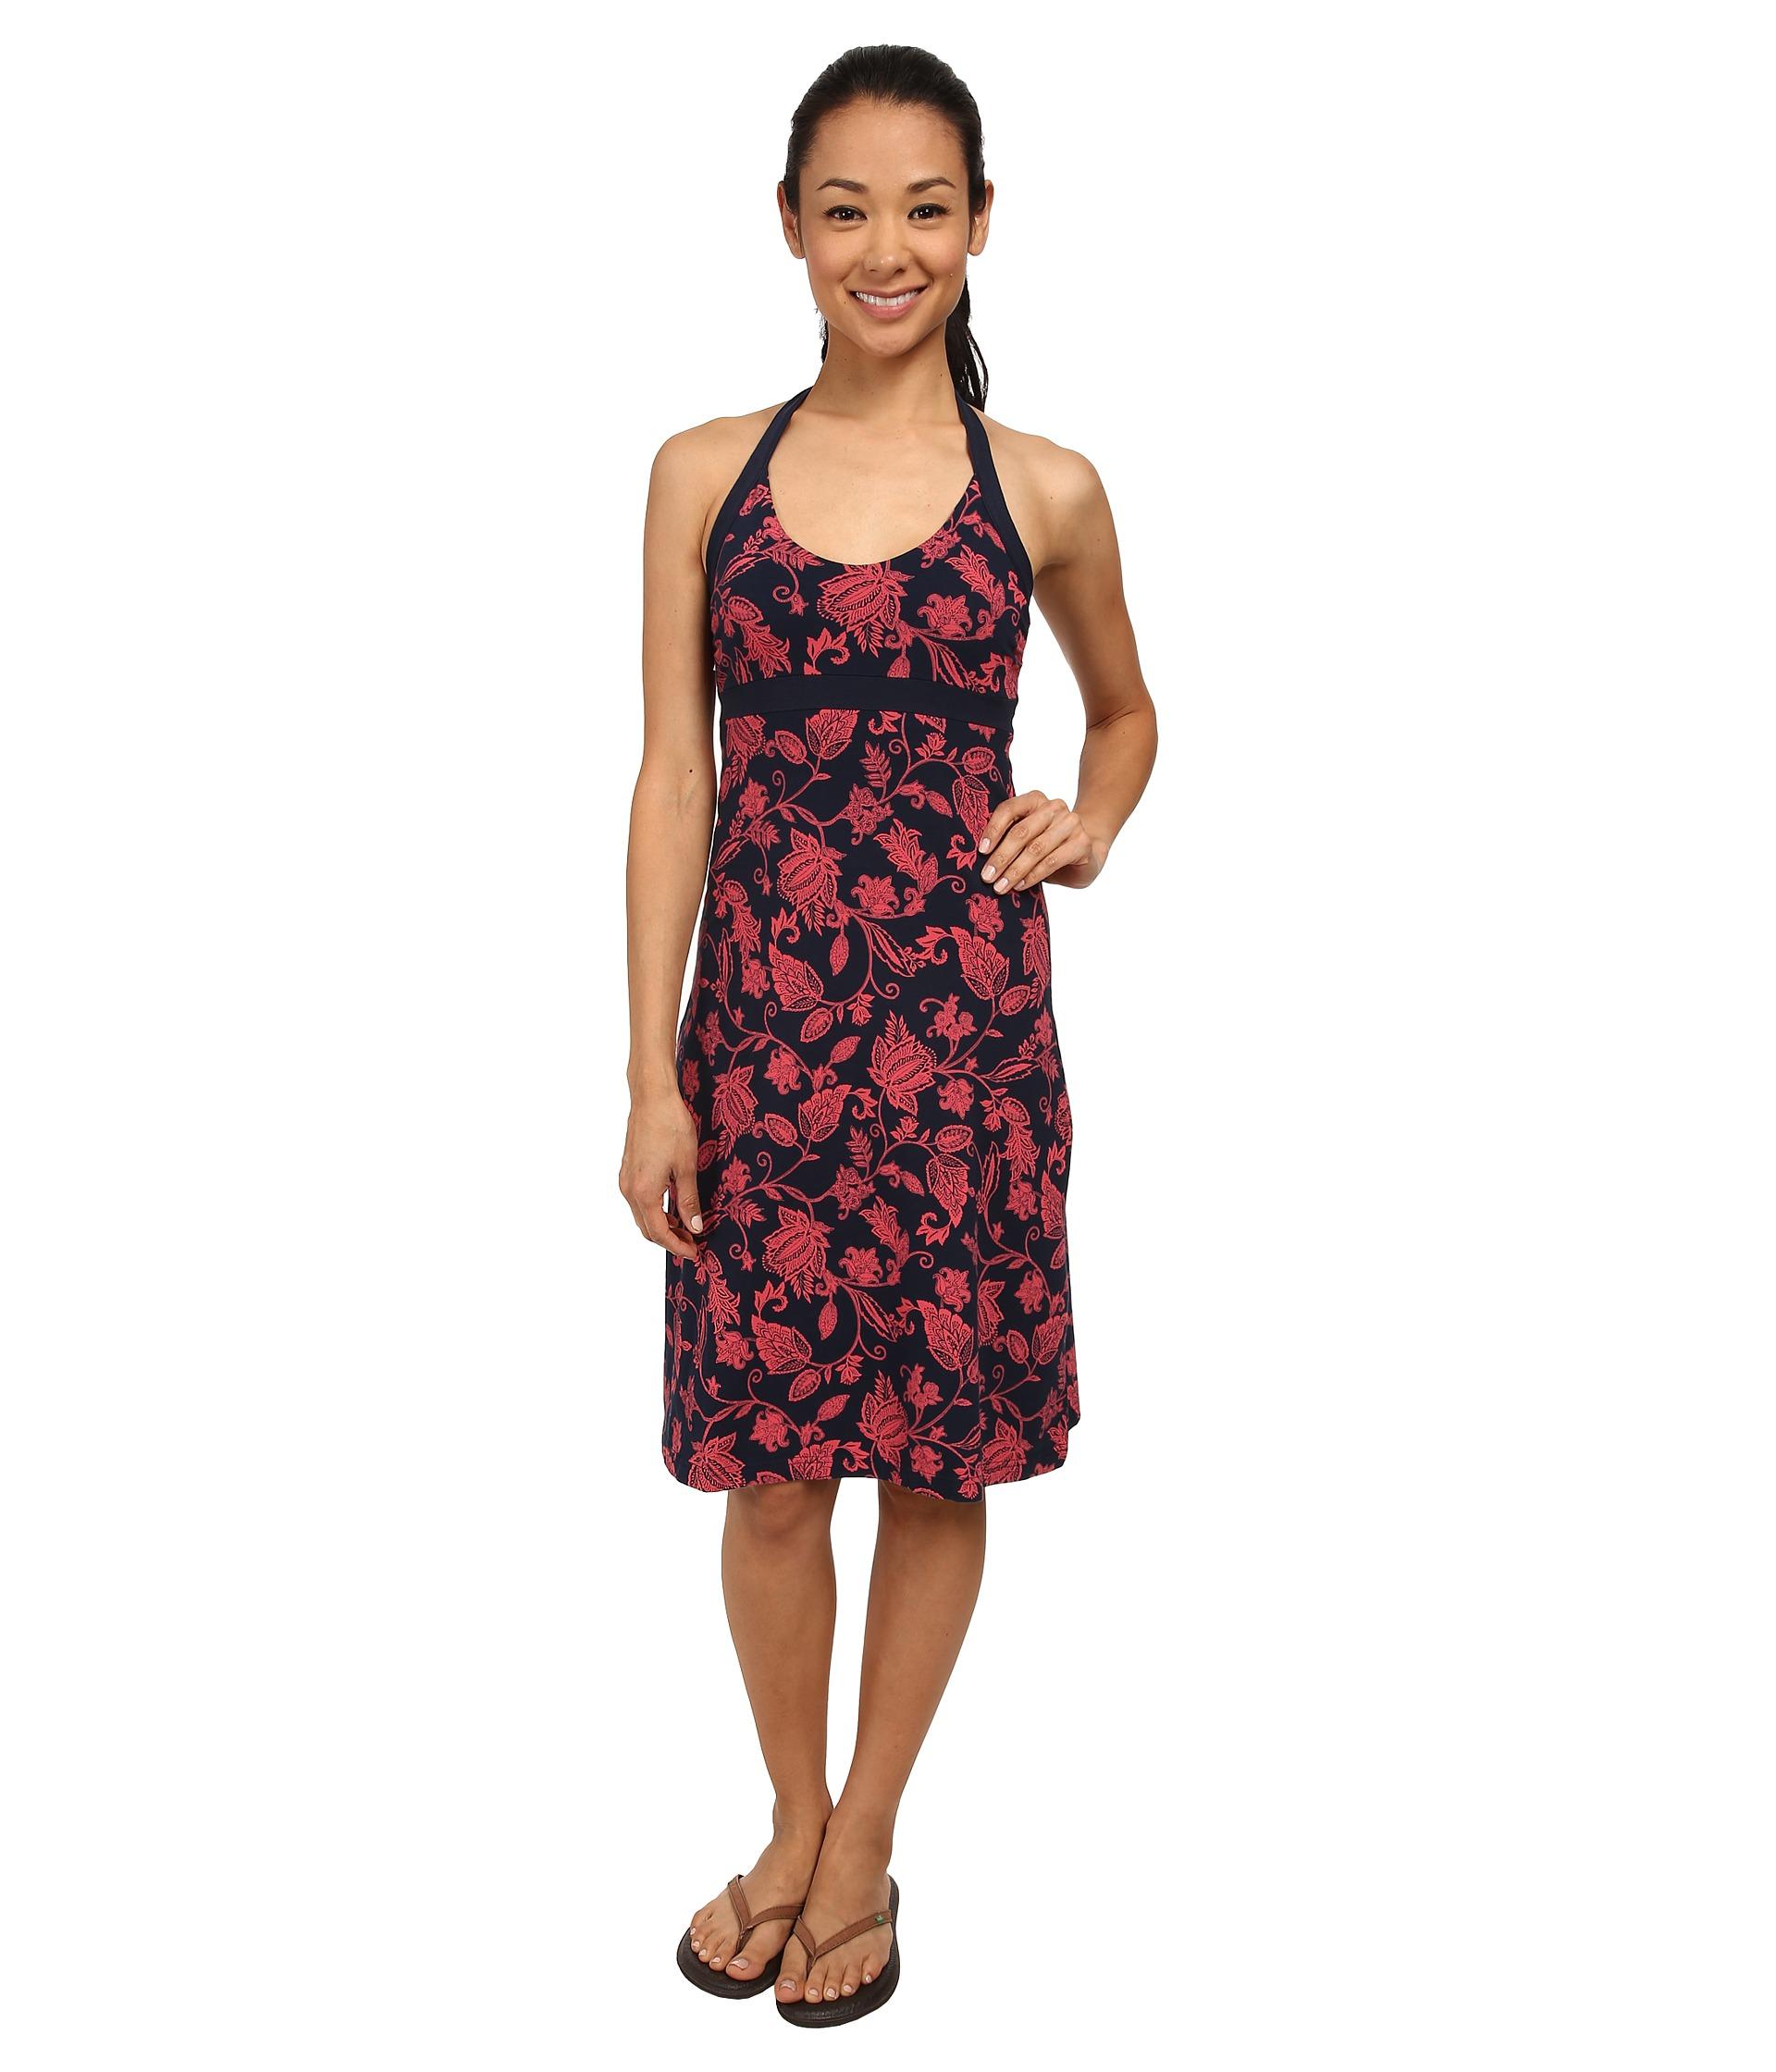 Halter Dresses For Women